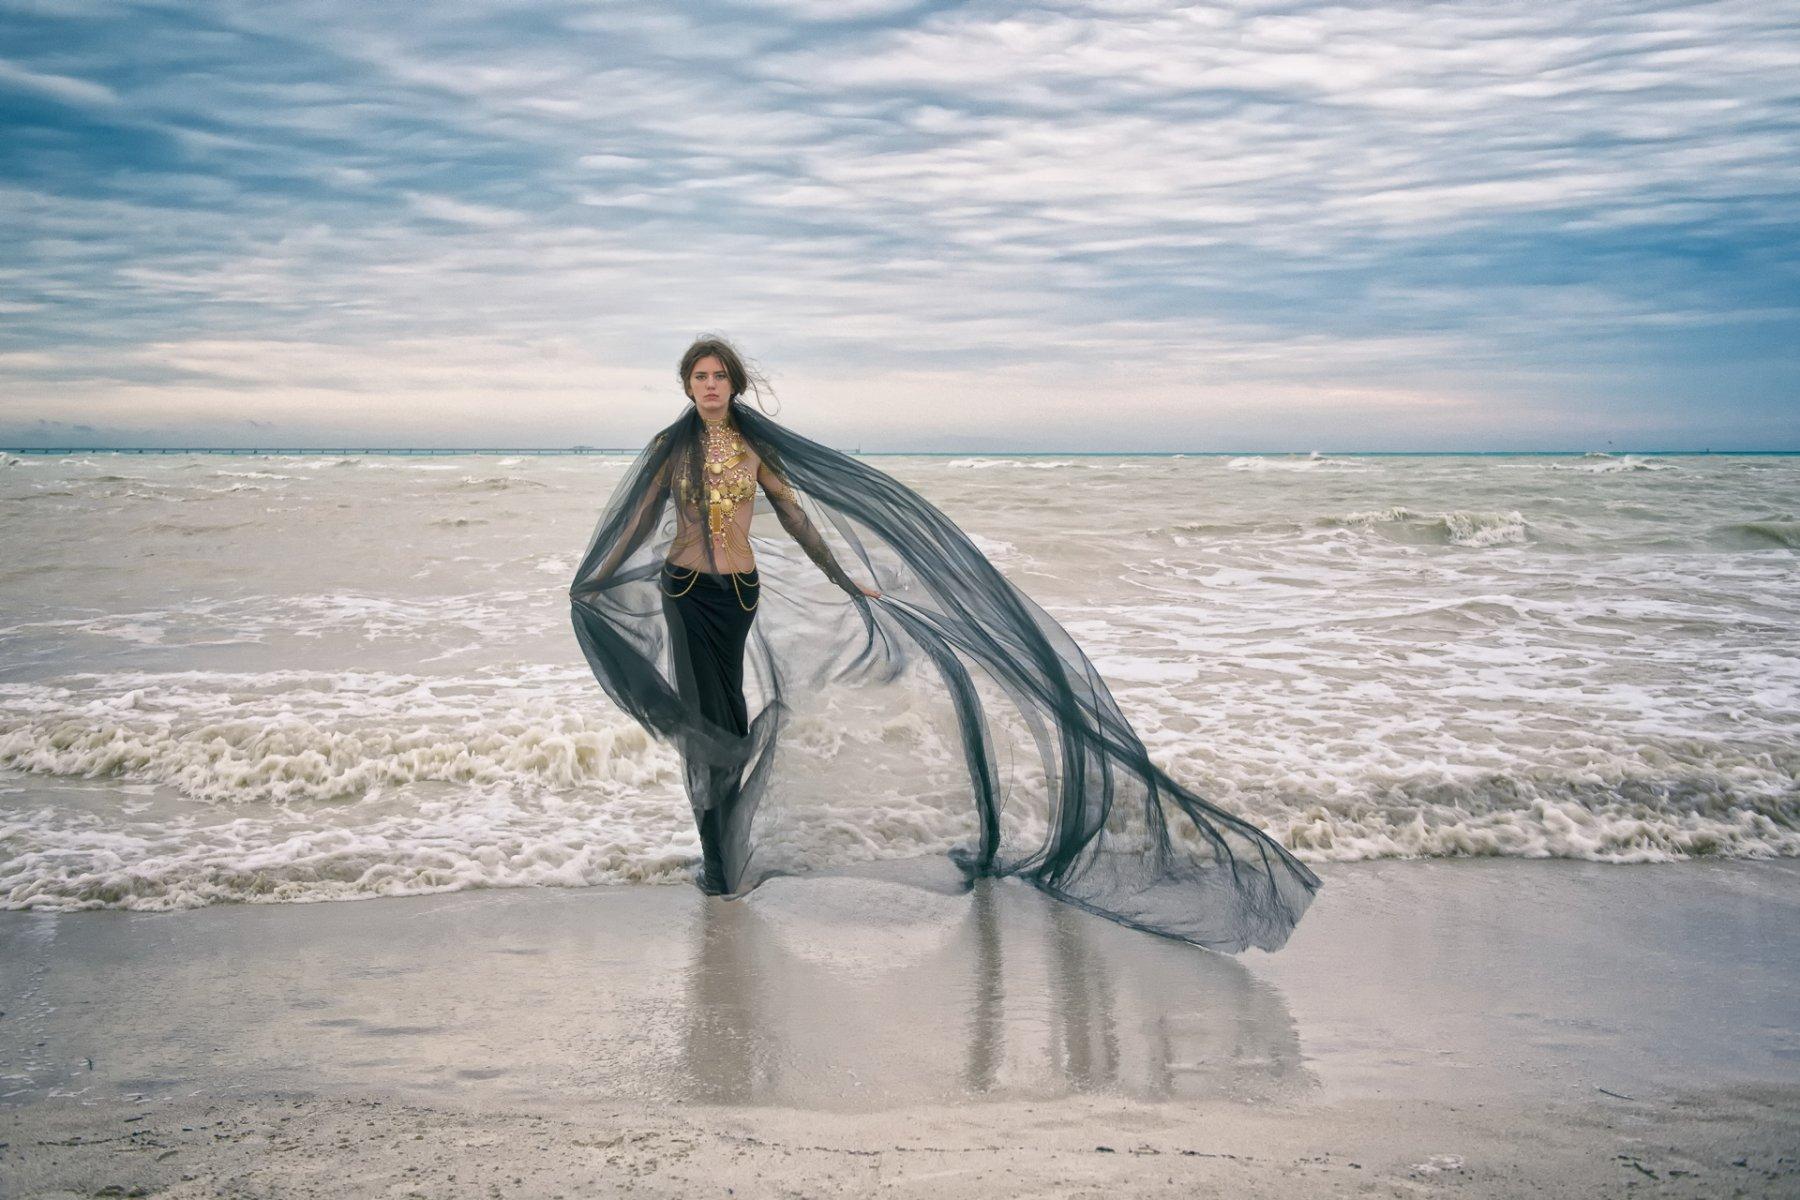 Sea-Queens-Idriss-Guelai-130 Fashion/Adv